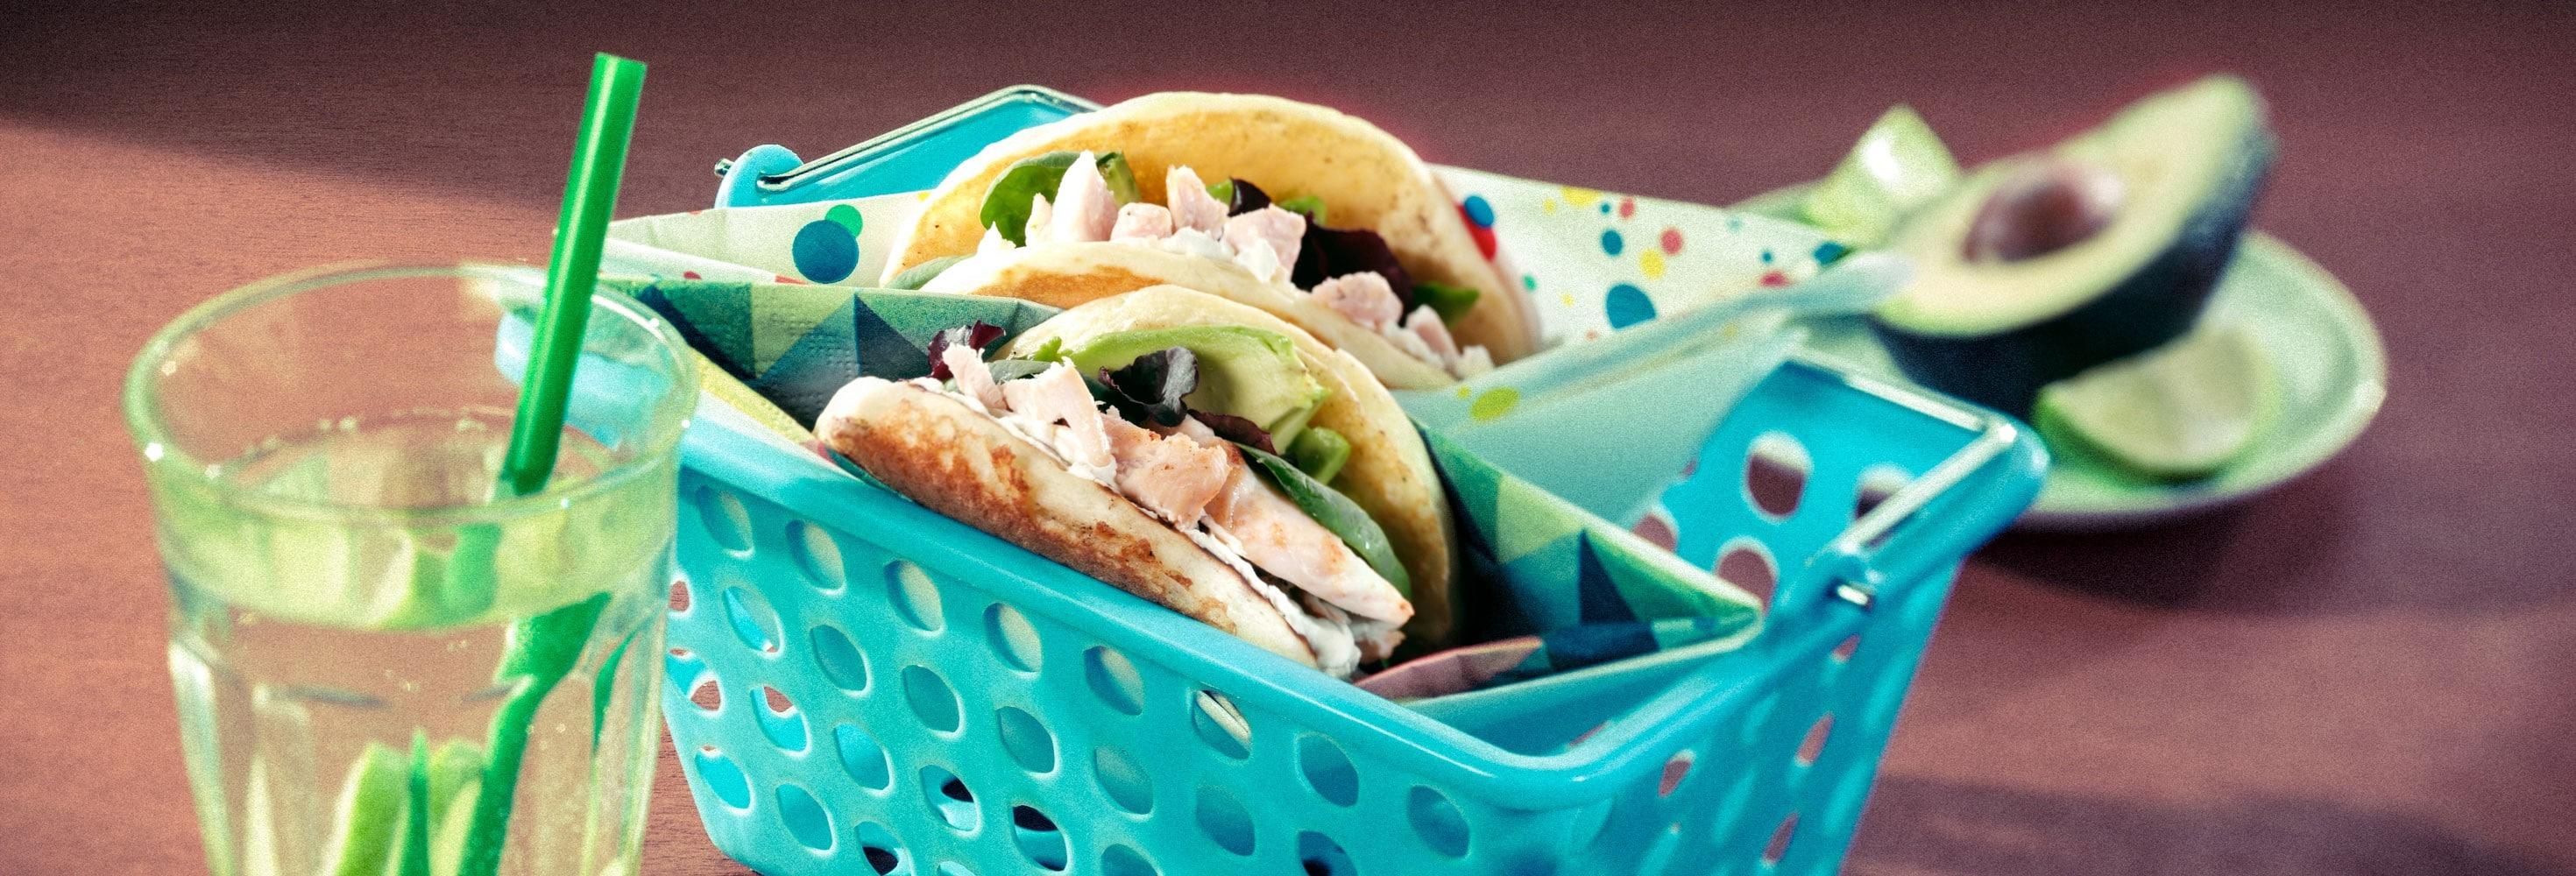 Pancake 'sandwich' gevuld met verse kaas, avocado en een salade